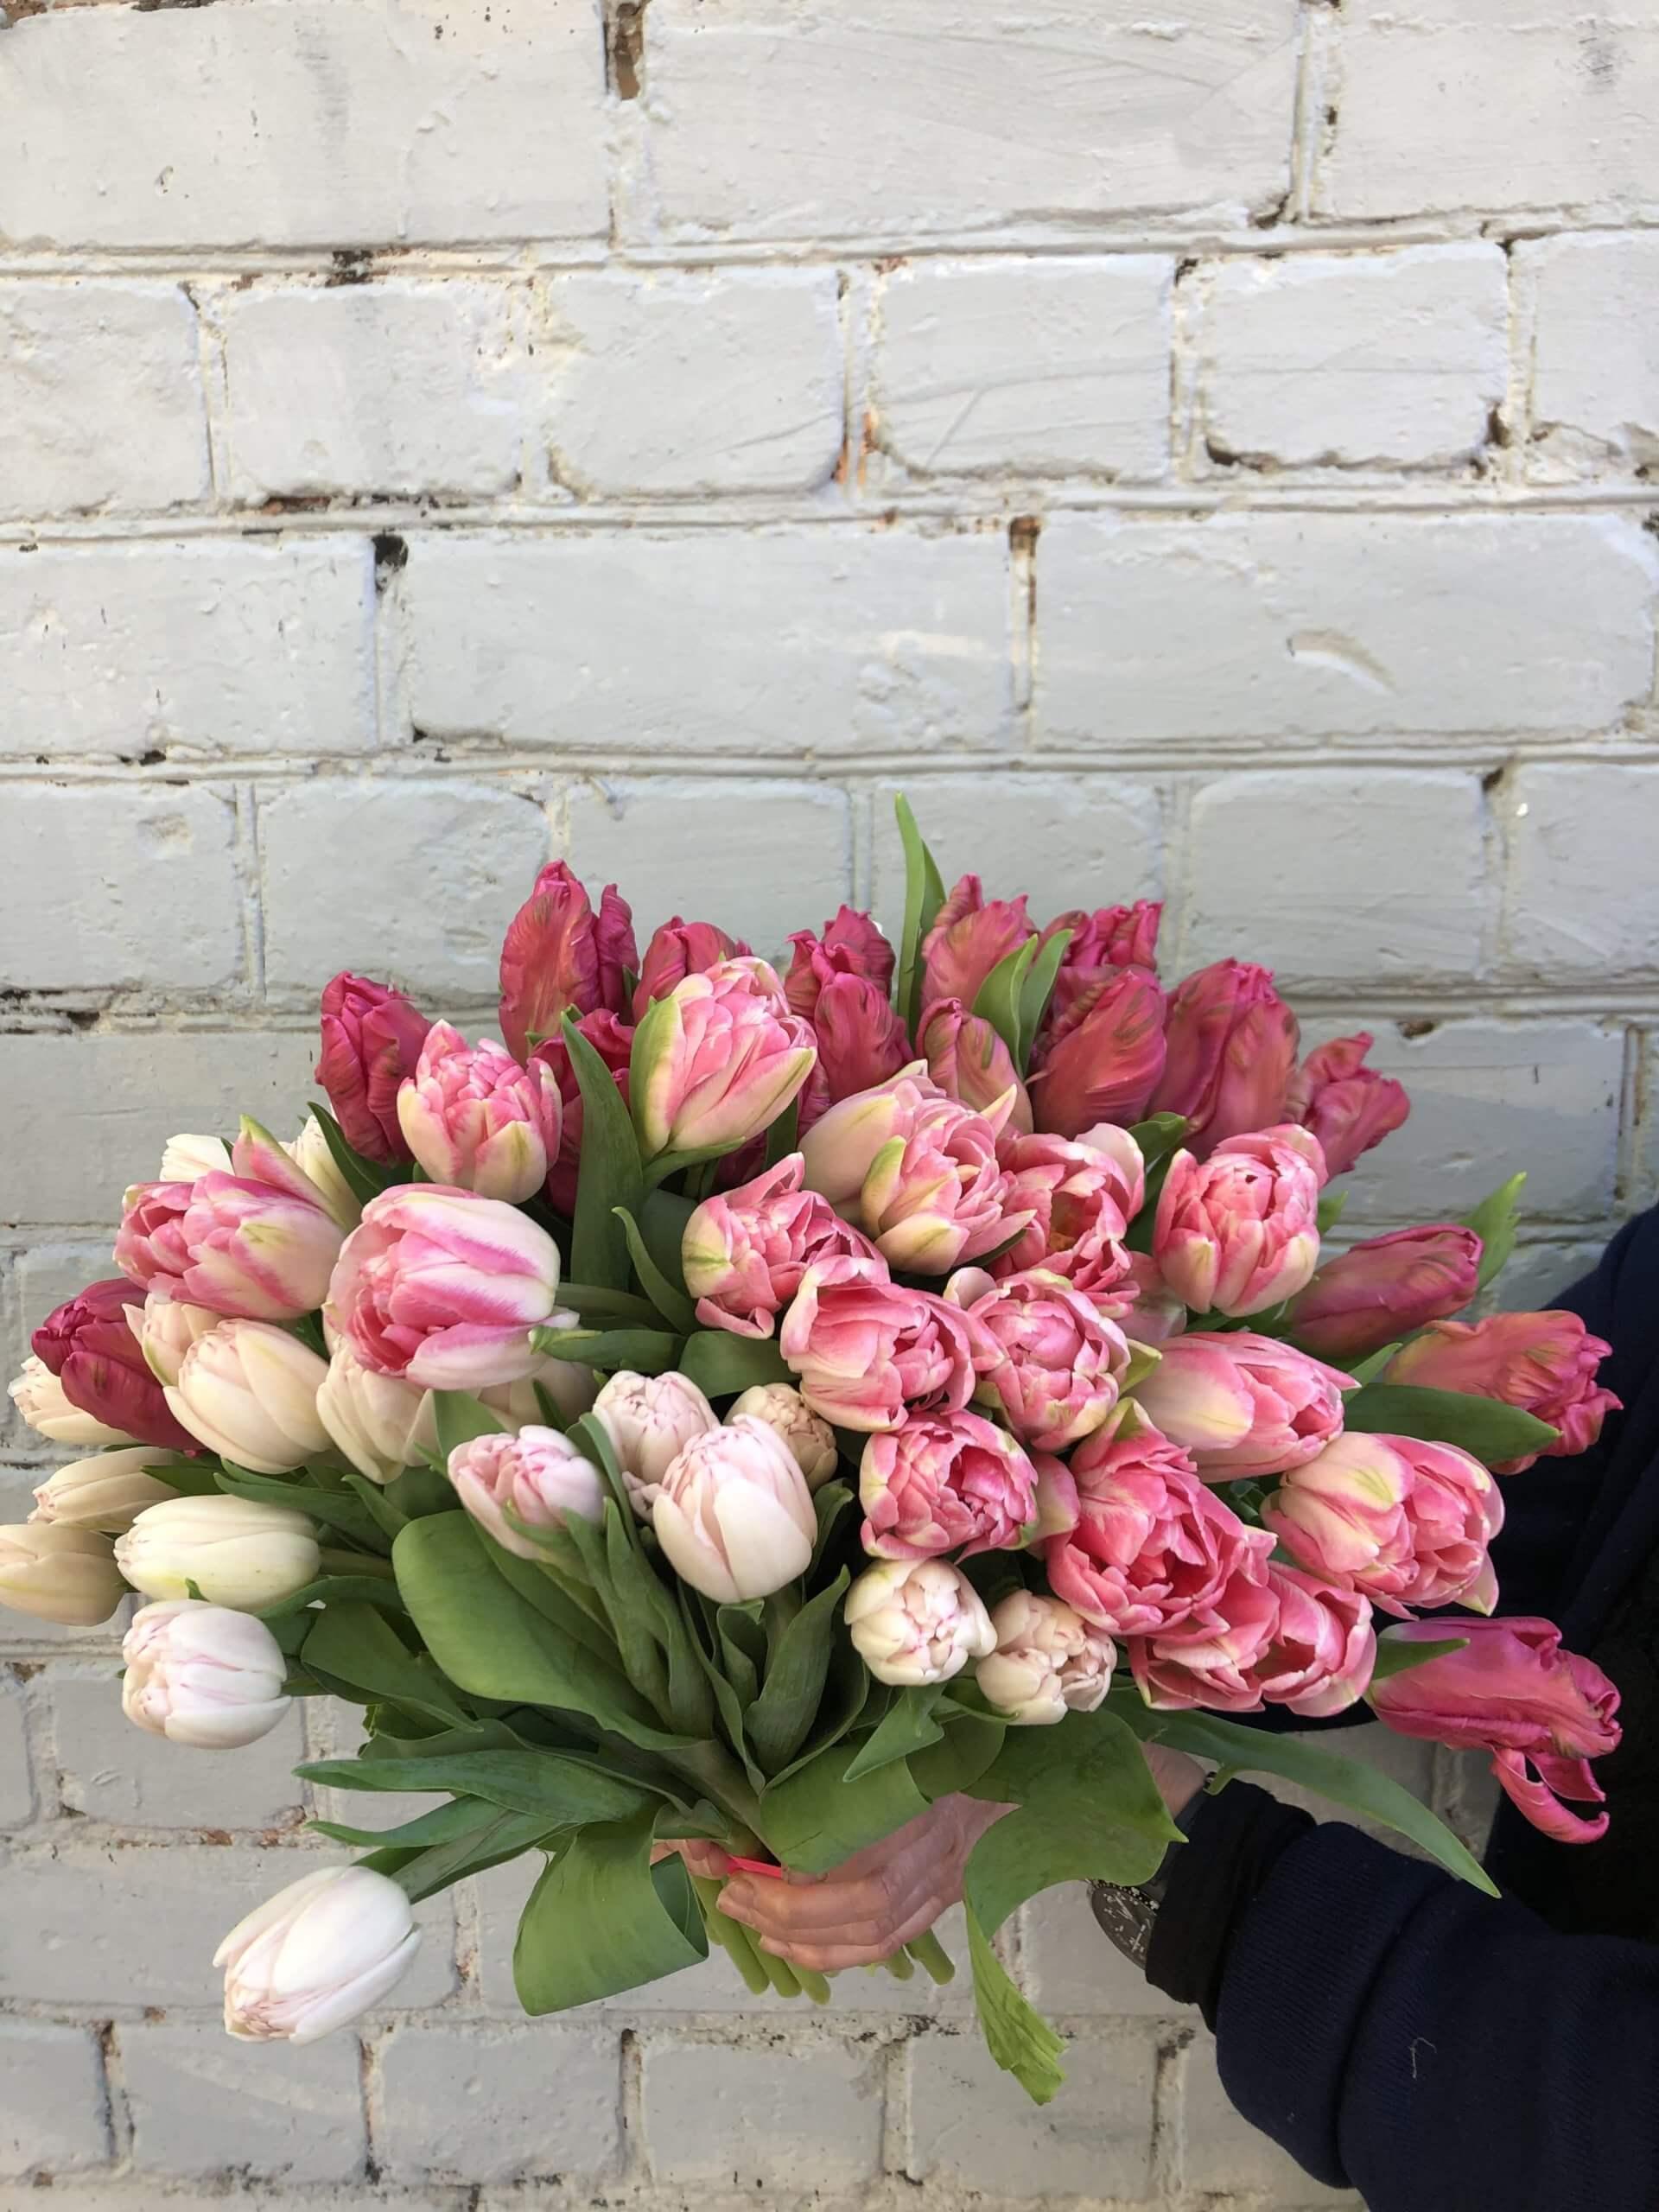 Тюльпаны махровые пионовидные: описание и характеристика